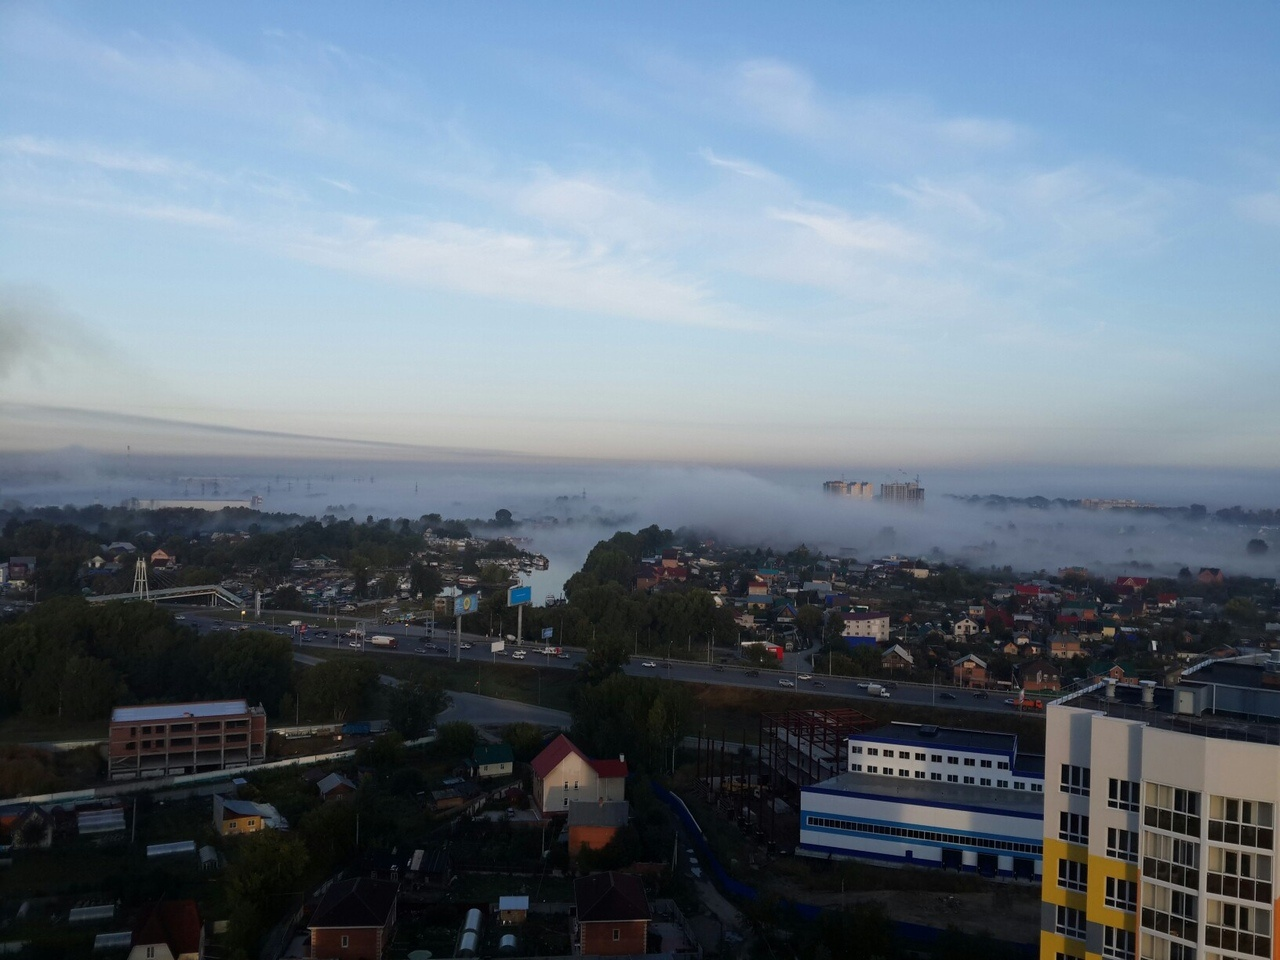 Густой туман окутал окрестности Затона и пескобазы